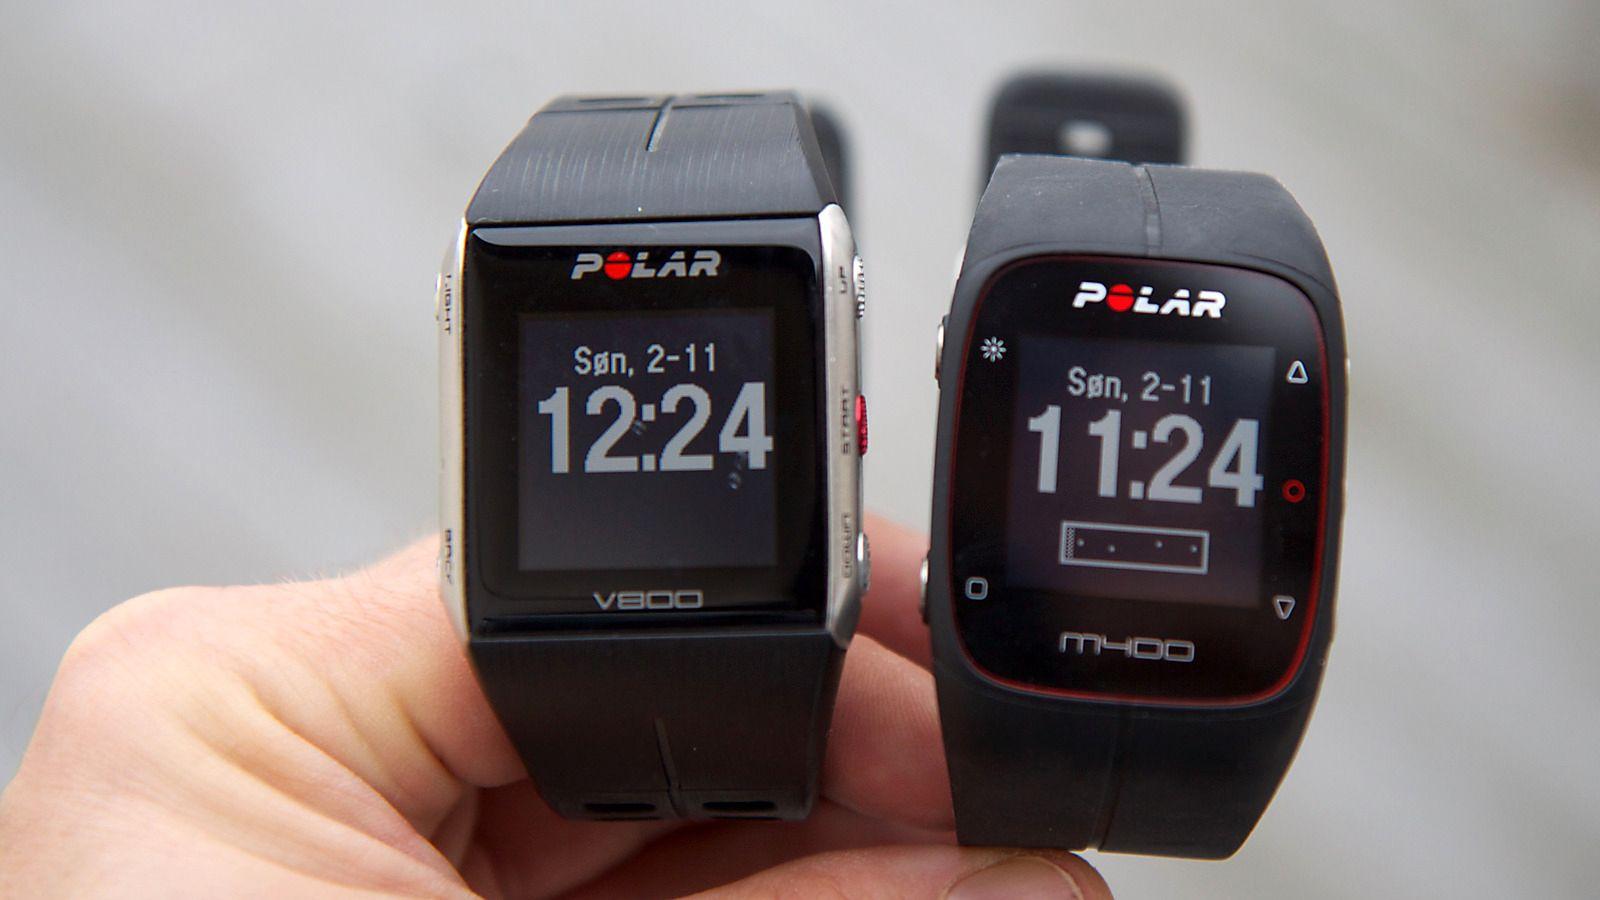 """Polar M400 (til høyre) har mange likheter med Polar V800, men produsenten har lagt mer vekt på funksjoner """"for folk flest"""". Som at den konstant viser hvor aktiv du har vært i løpet av dagen, og varsler deg når du er inaktiv for lenge.Foto: Kurt Lekanger, Tek.no"""